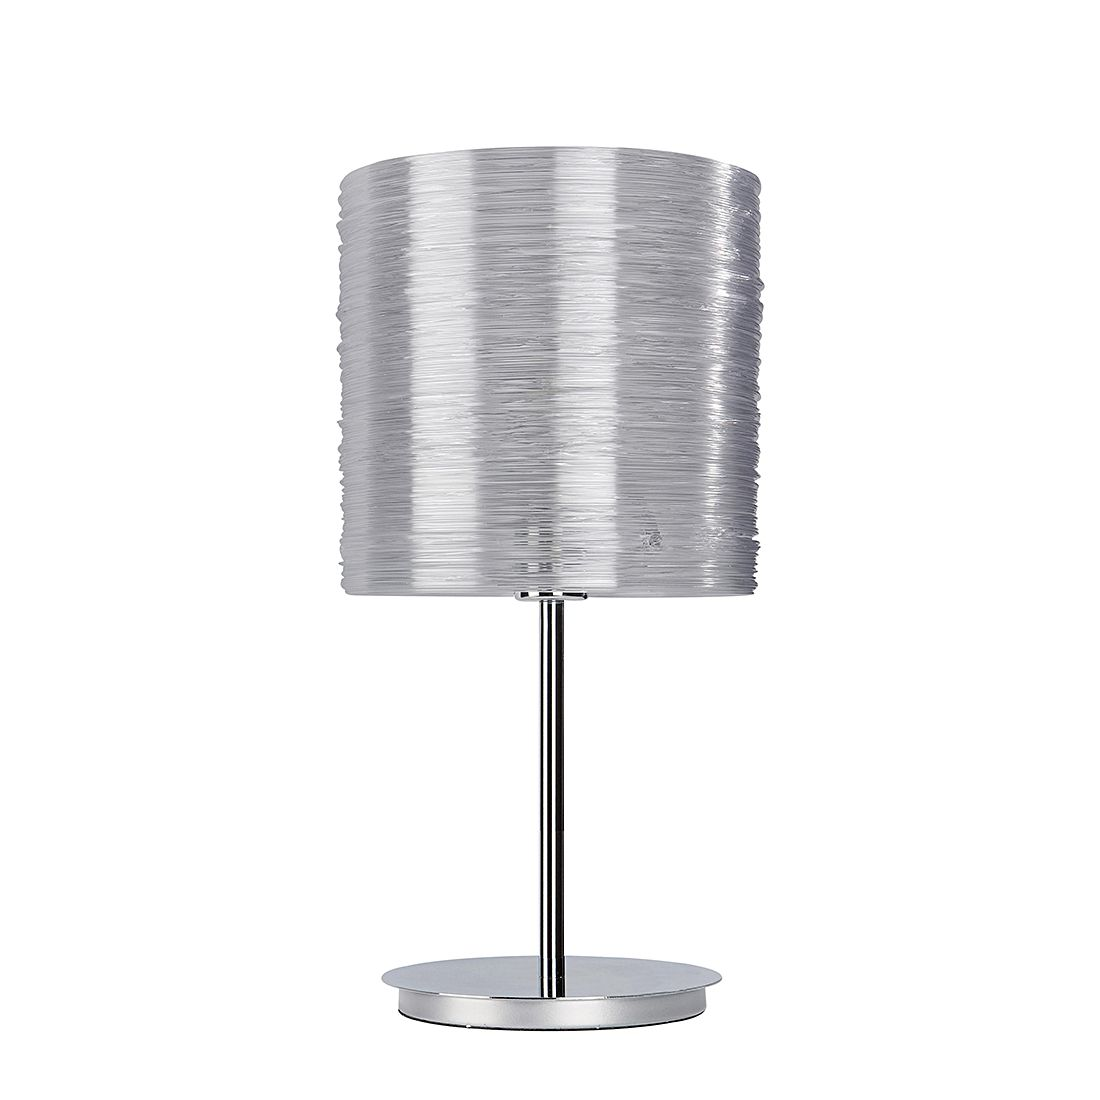 EEK A++, Lampe de table Bright - Argenté - 1 ampoule, Sompex